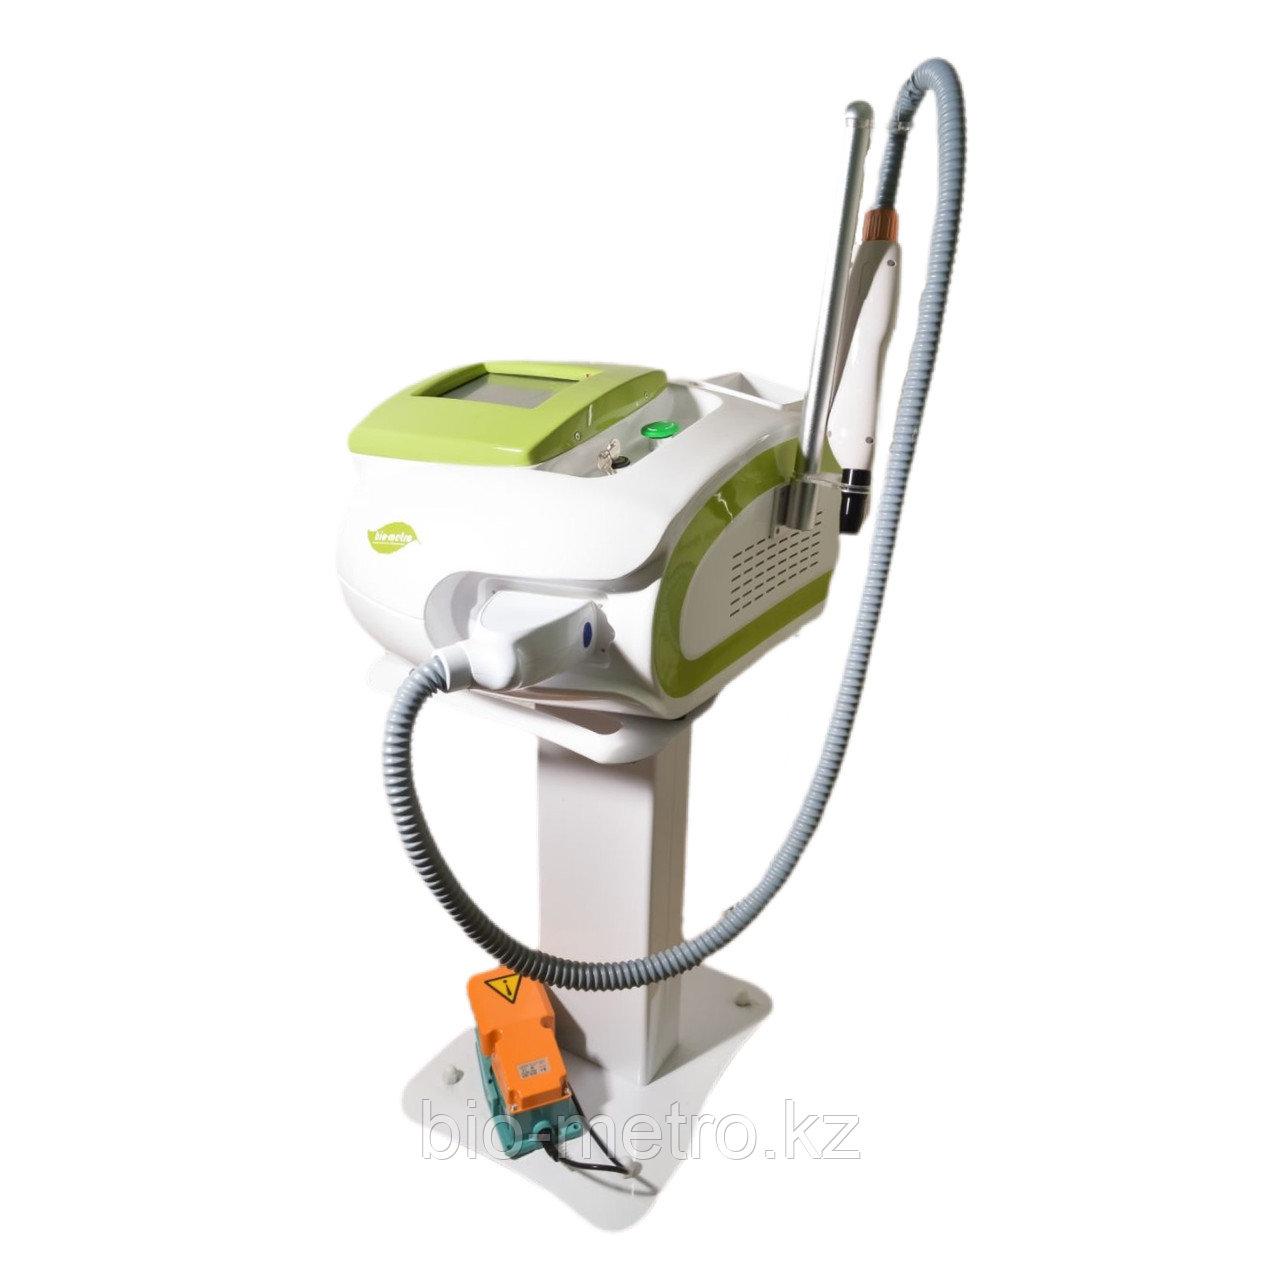 Лазер для удаления татуажа и карбоновый пилинг! ЗАПАТЕНТОВАН